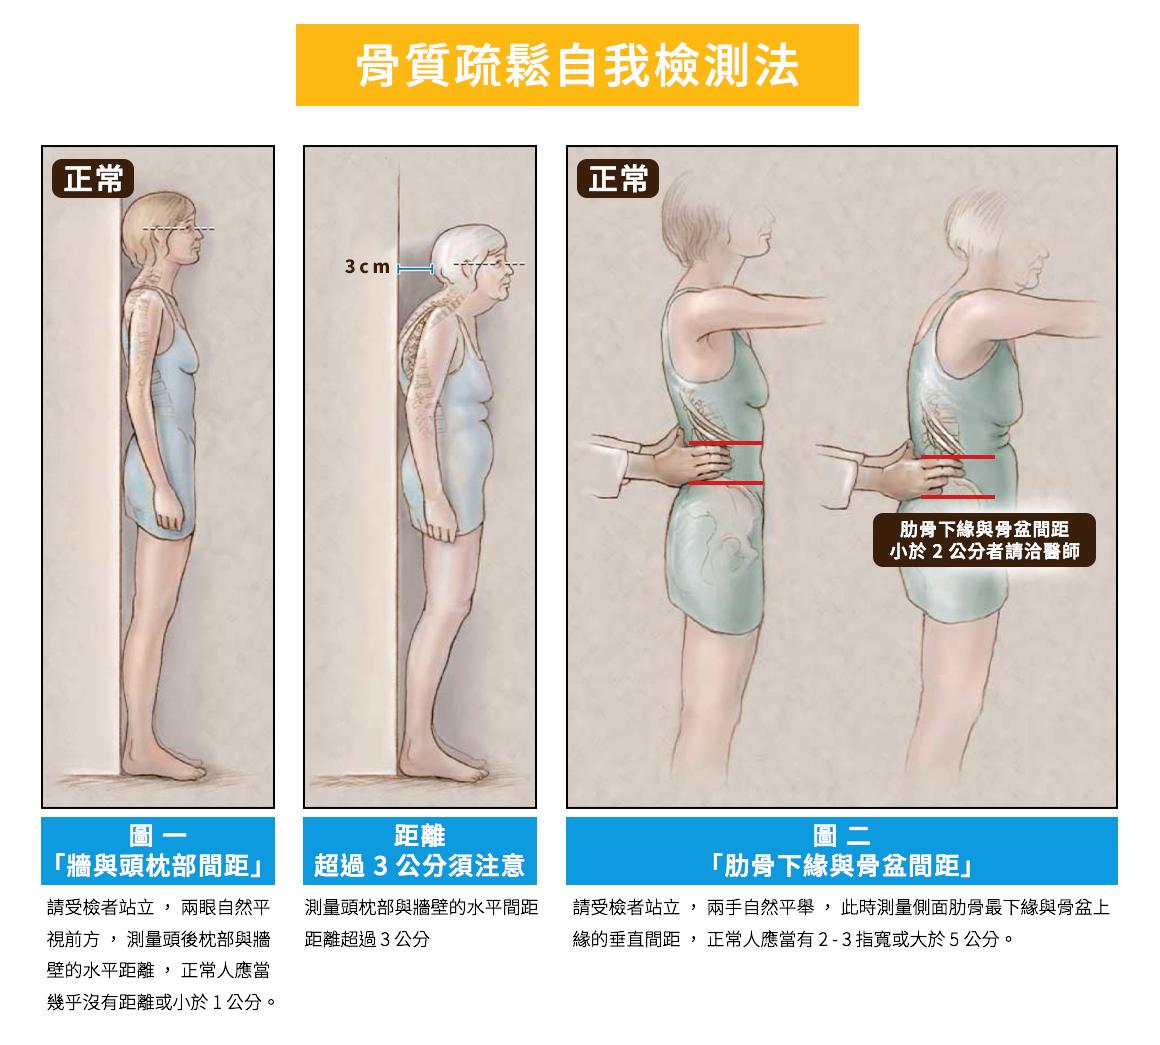 鈣片新聞稿-骨鬆檢測第三篇-圖一 1090303